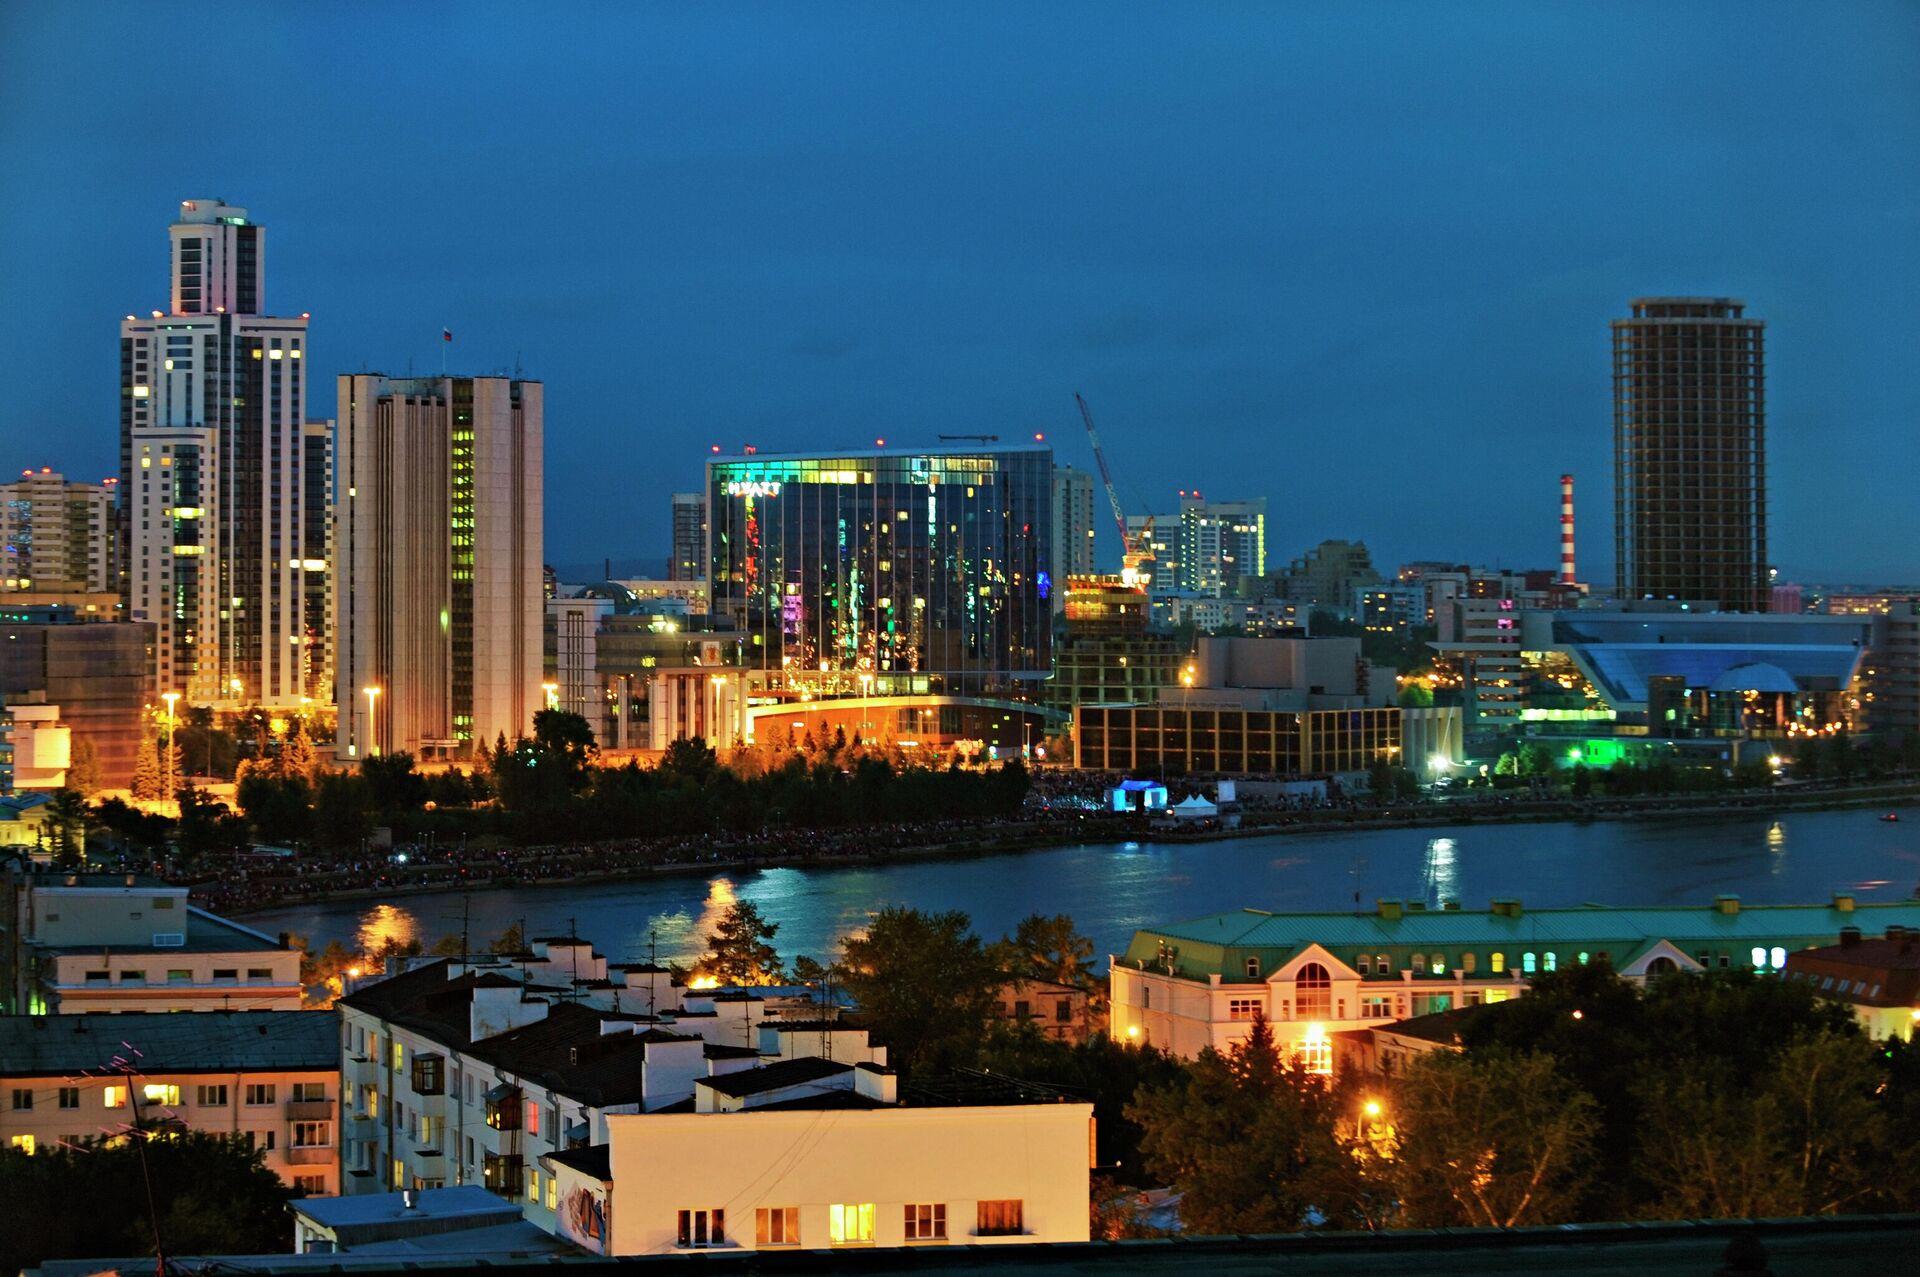 La ciudad rusa de Ekaterimburgo  - Sputnik Mundo, 1920, 11.03.2021